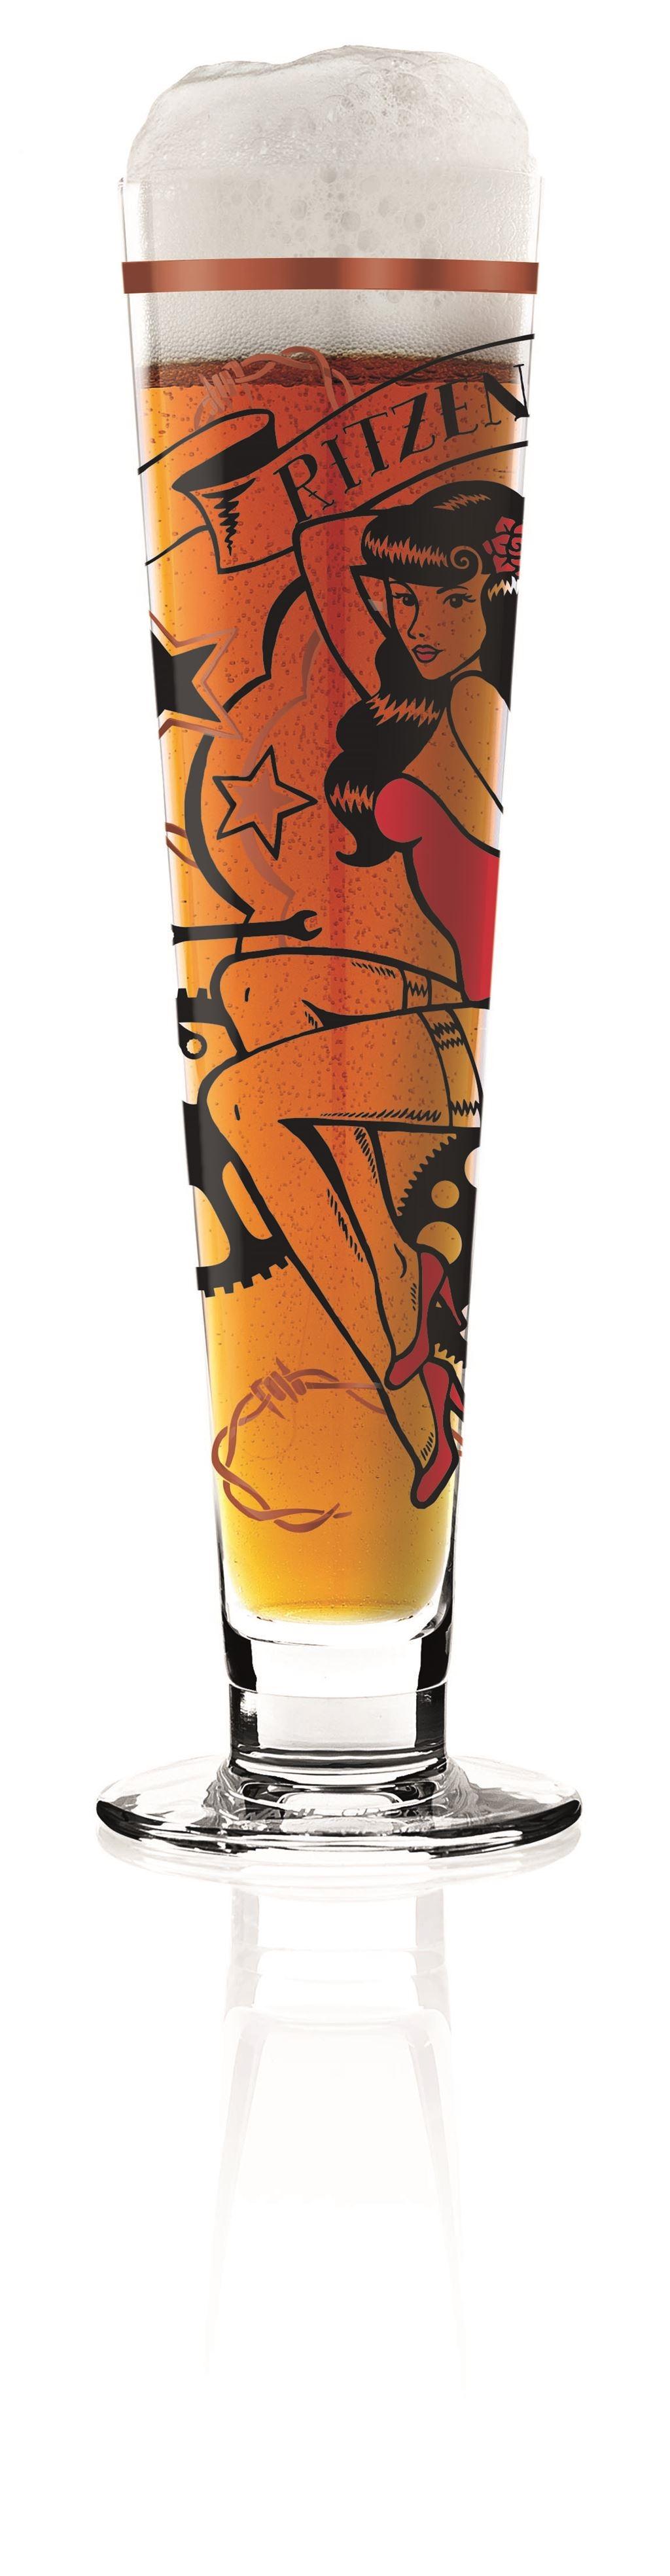 Magic woman kozarec pivo 0,40 l